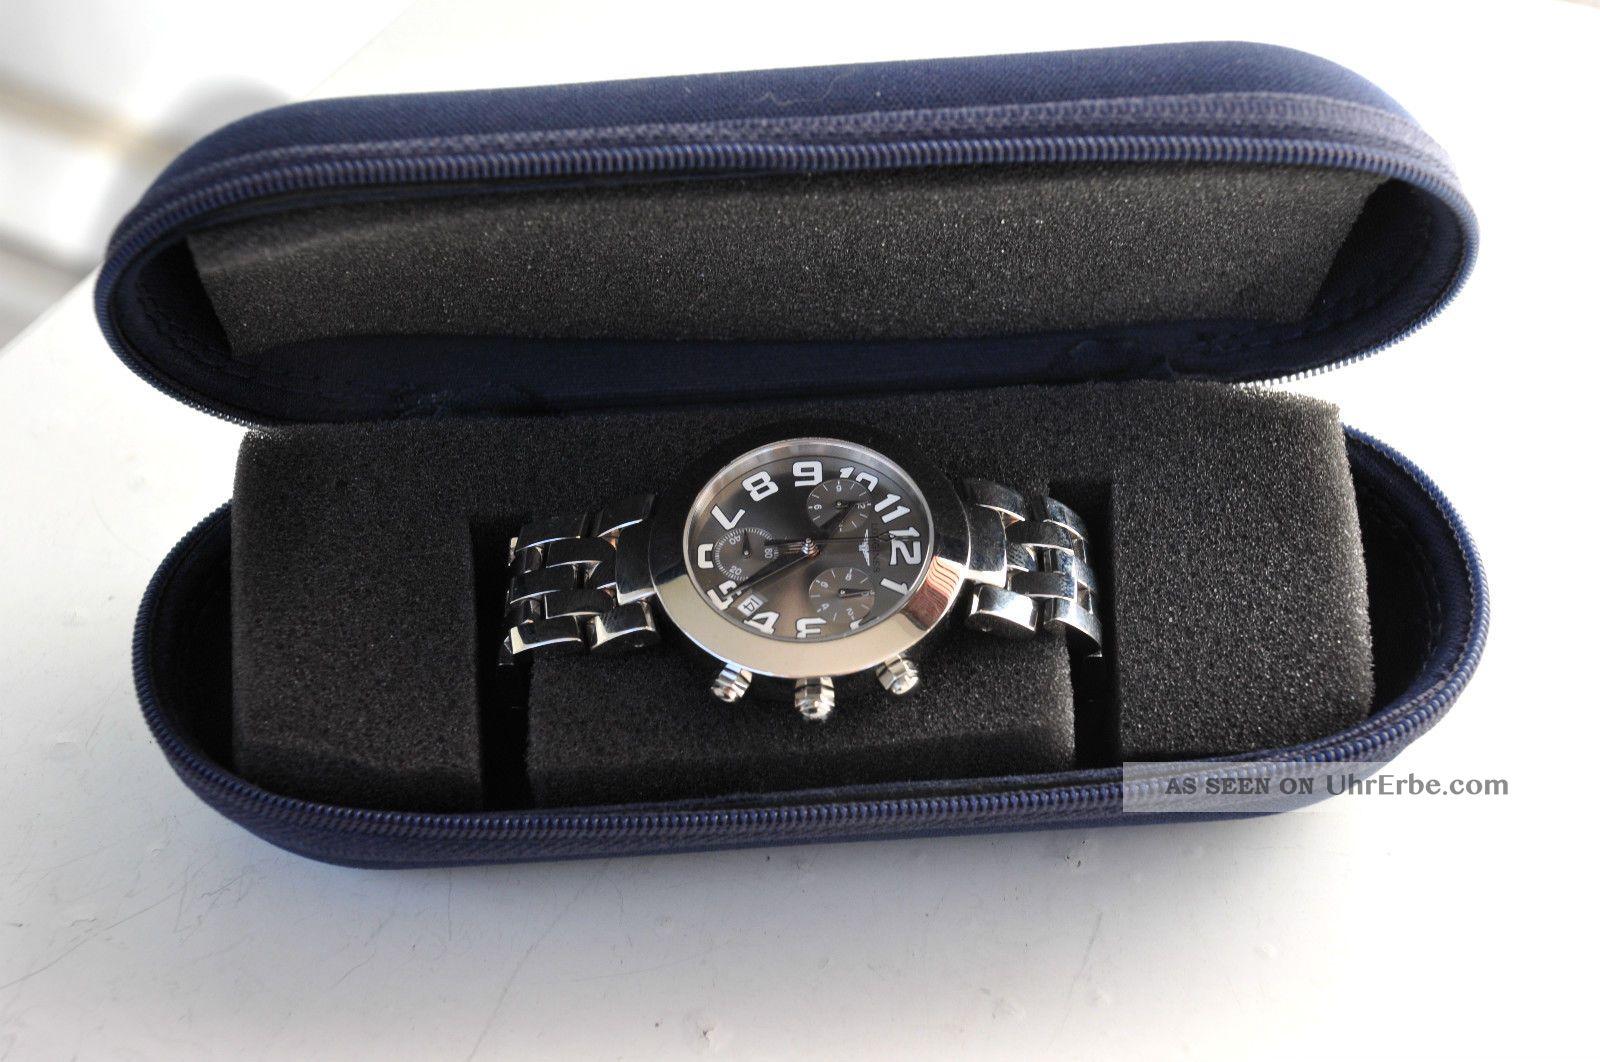 Longines Herrenuhr Mit Chronograph Datum M.  Box Superschönes Design. Armbanduhren Bild